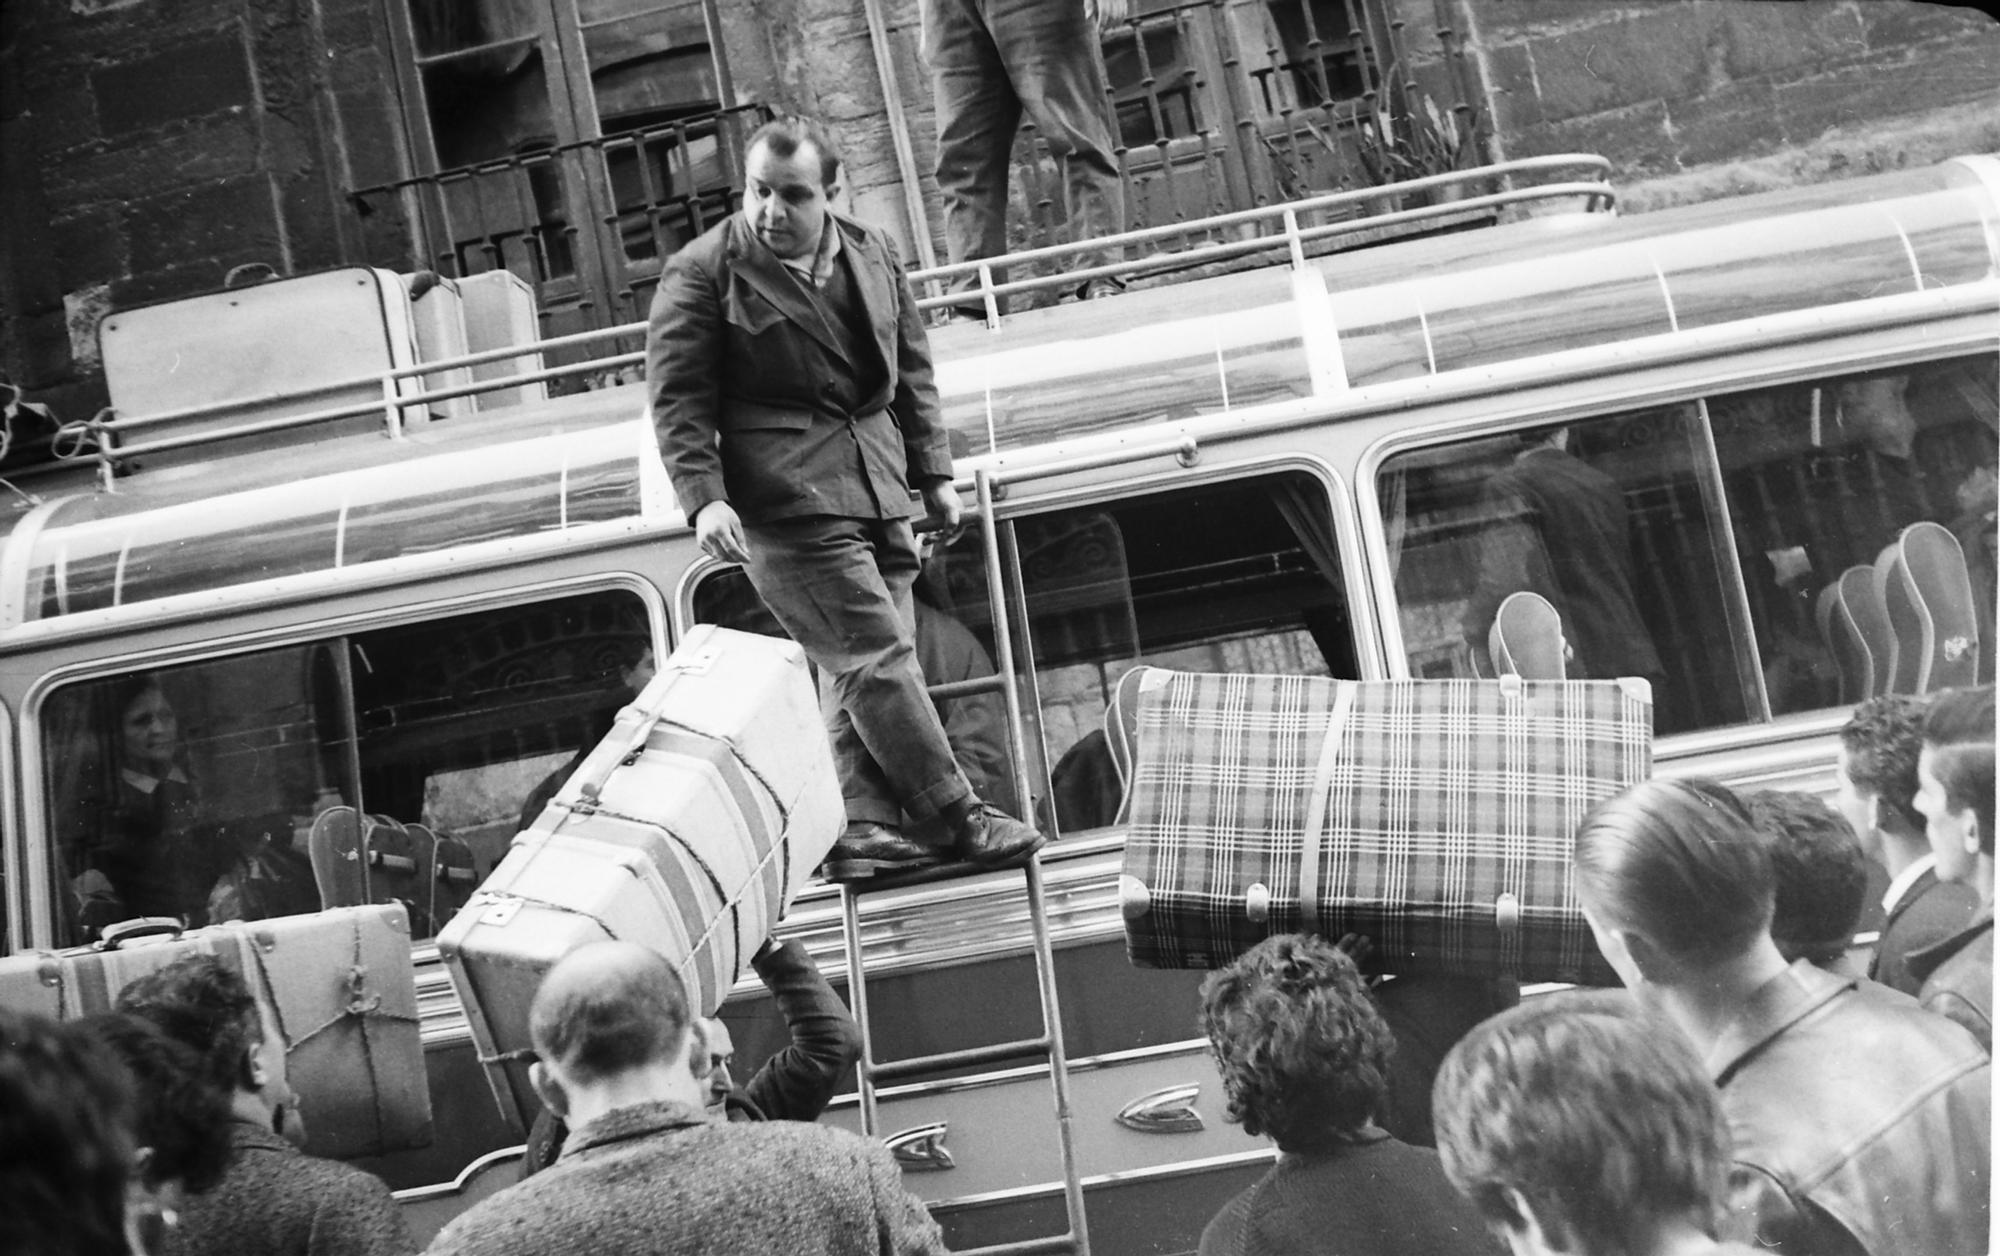 Subiendo bultos al maletero de un autocar. h. 1970.